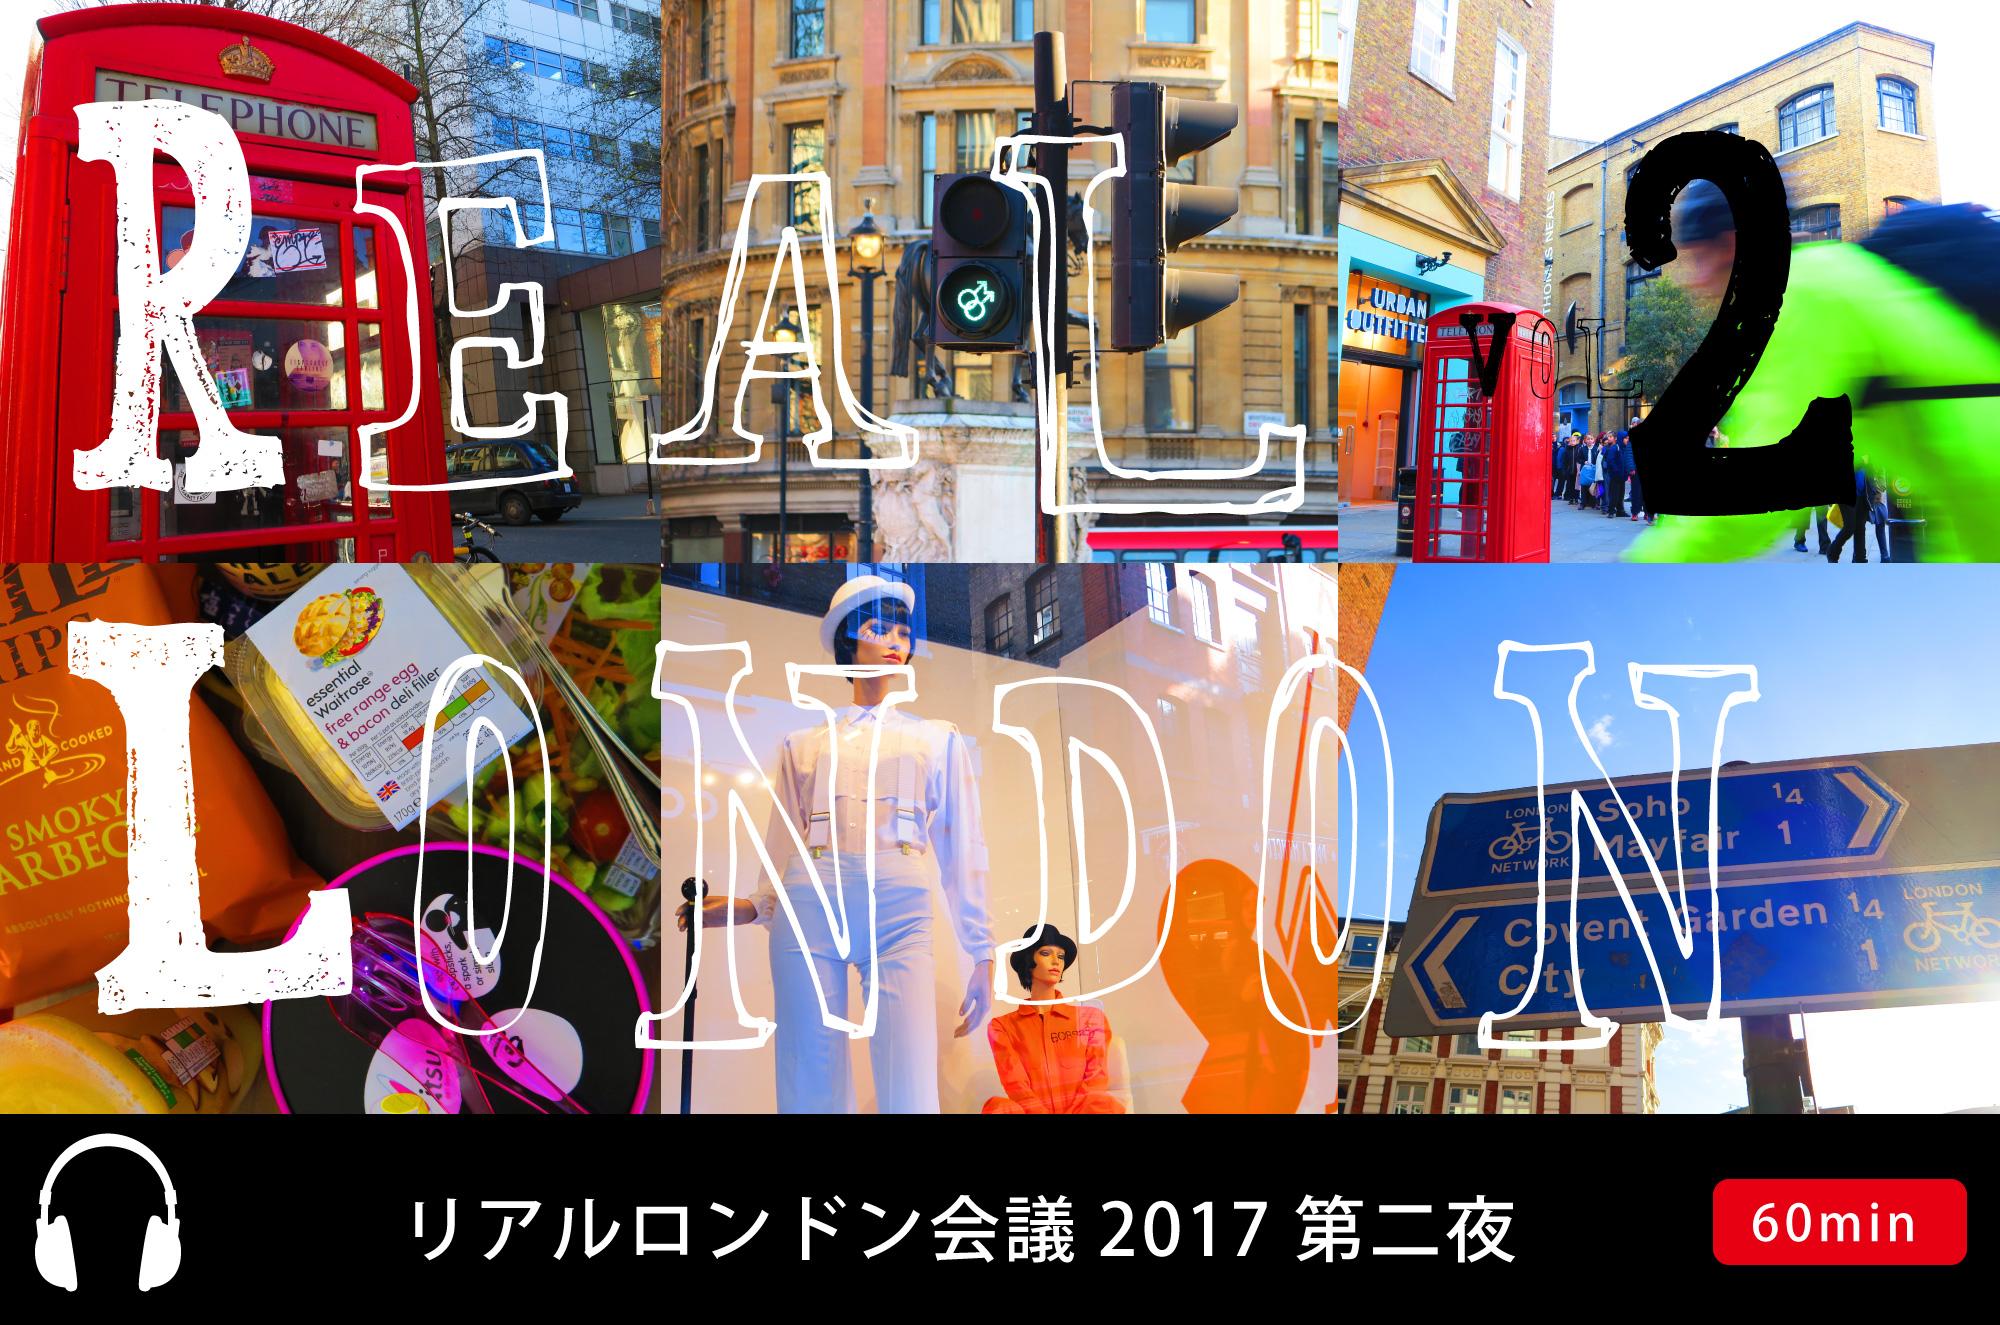 リアルロンドン会議2017・第二夜:【ネタバレ】スティーブン・ダルドリー演出『AN INSPECTOR CALLS』レビュー!【名作】